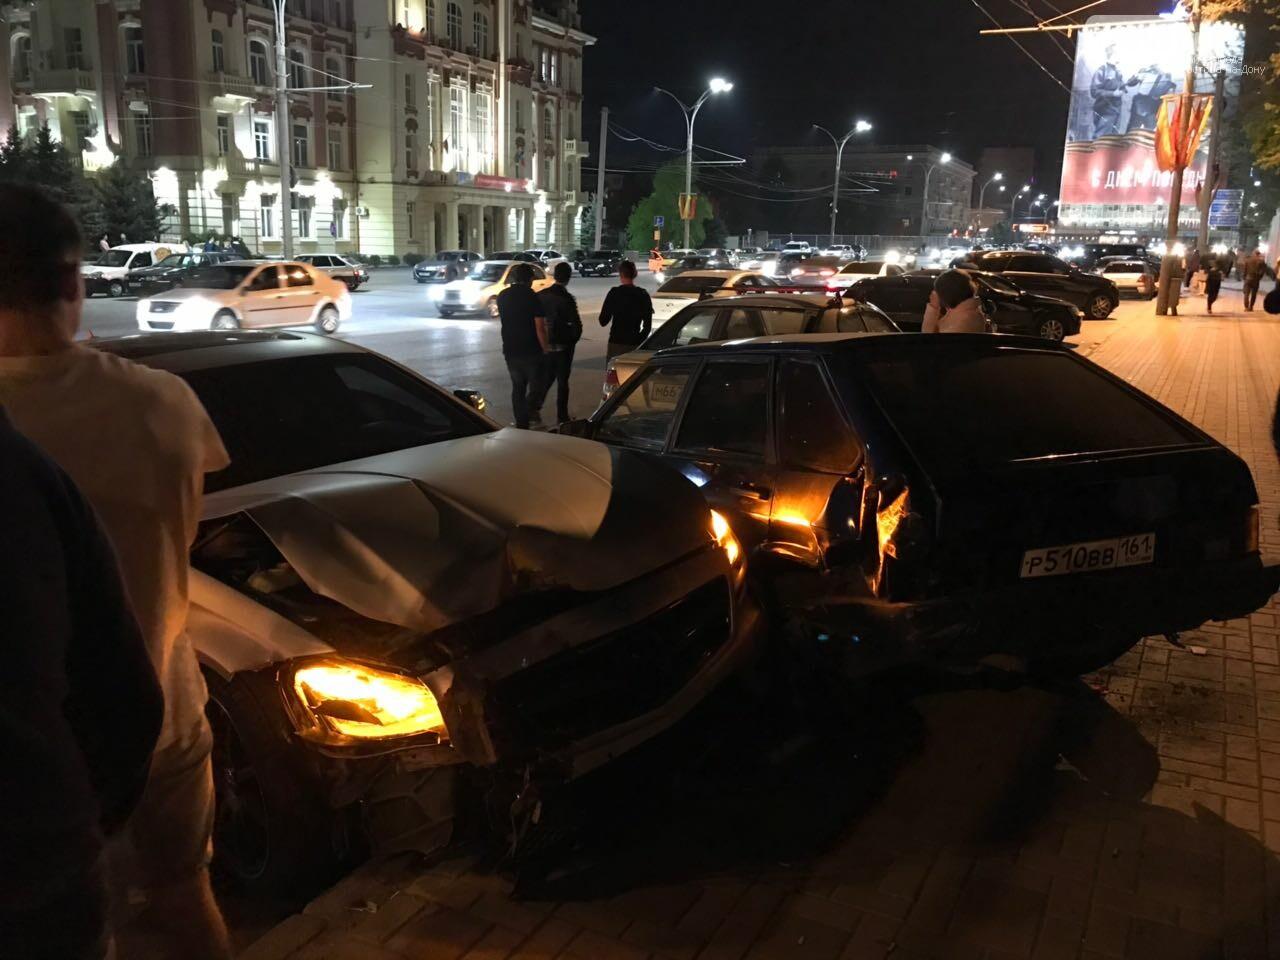 Новые подробности: виновником массовой аварии на Театральной площади стал иностранец, фото-2, Фото: предоставлено очевидцем